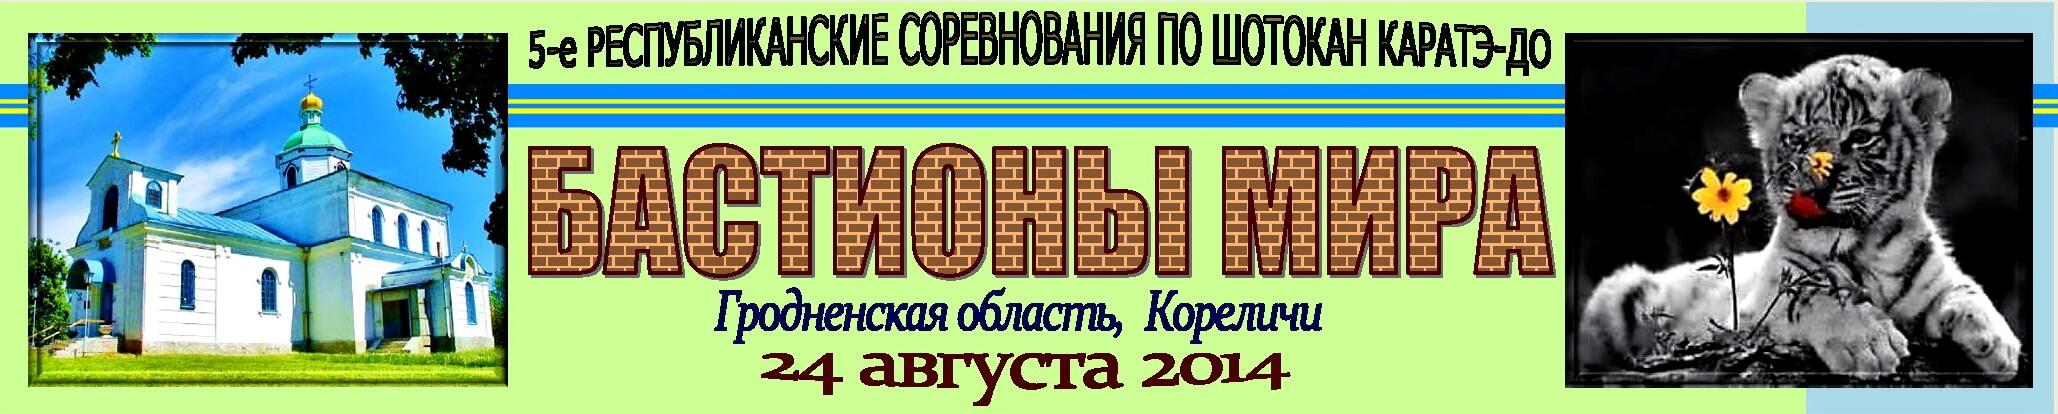 Кореличи-Мир 2014 Баннер''